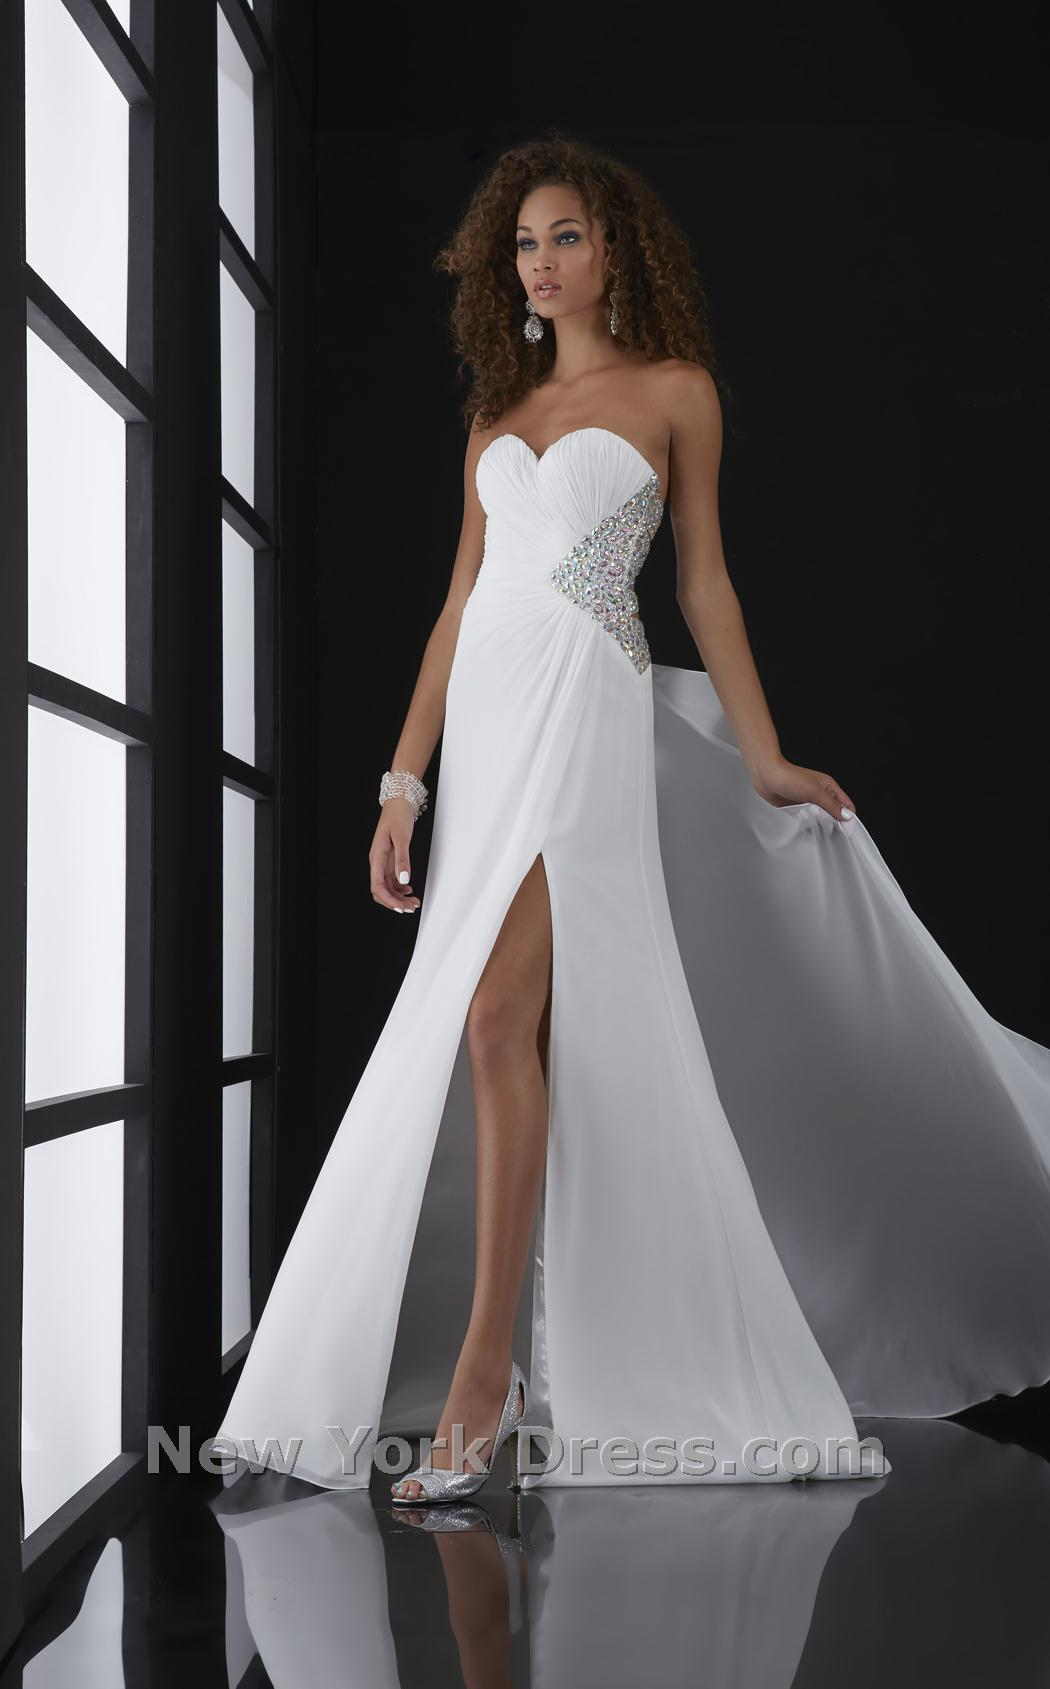 Jasz Couture 5007 Dress - NewYorkDress.com